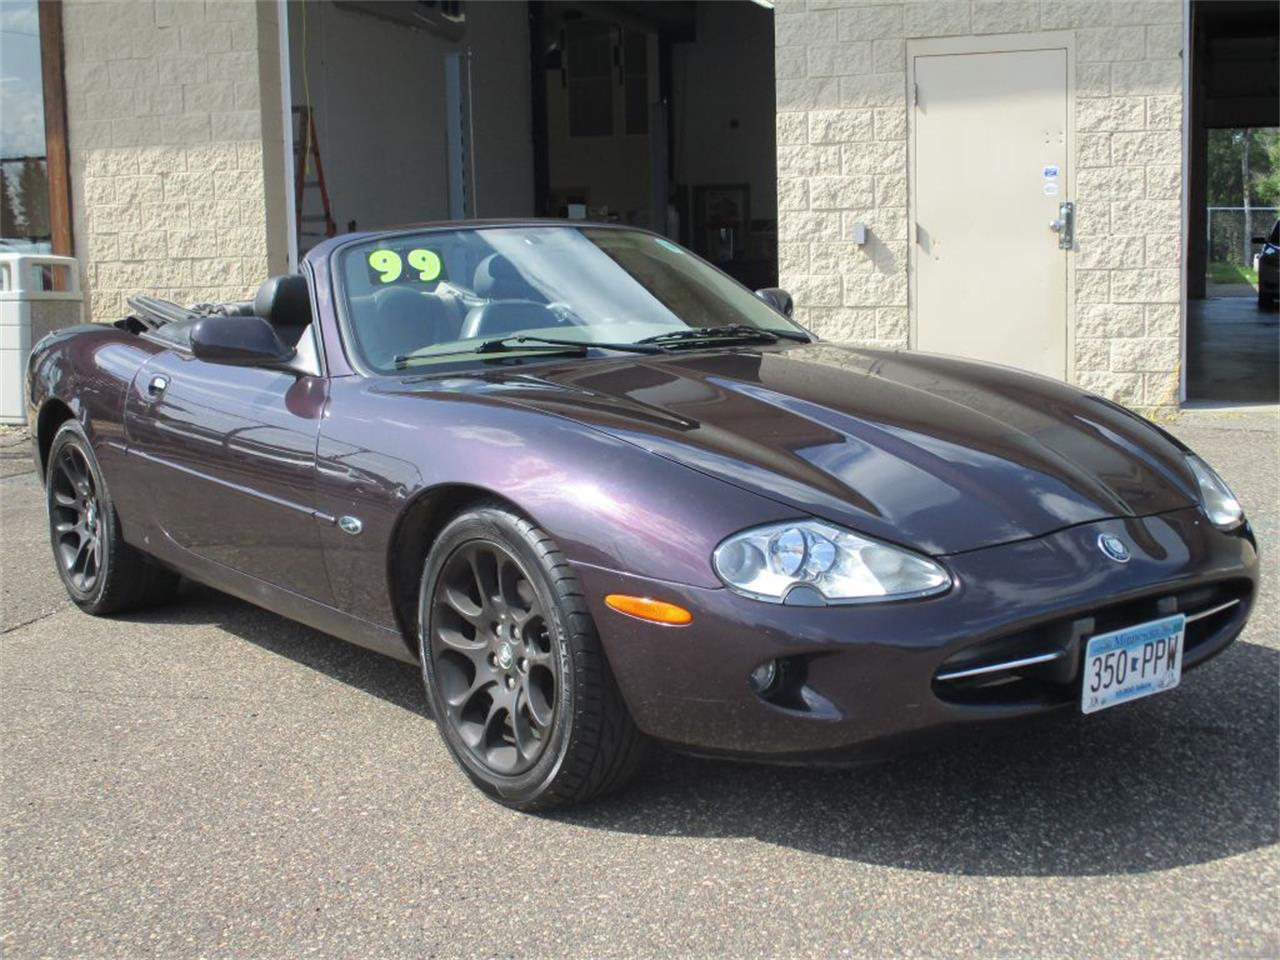 1999 Jaguar XK8 for Sale | ClassicCars.com | CC-1112175